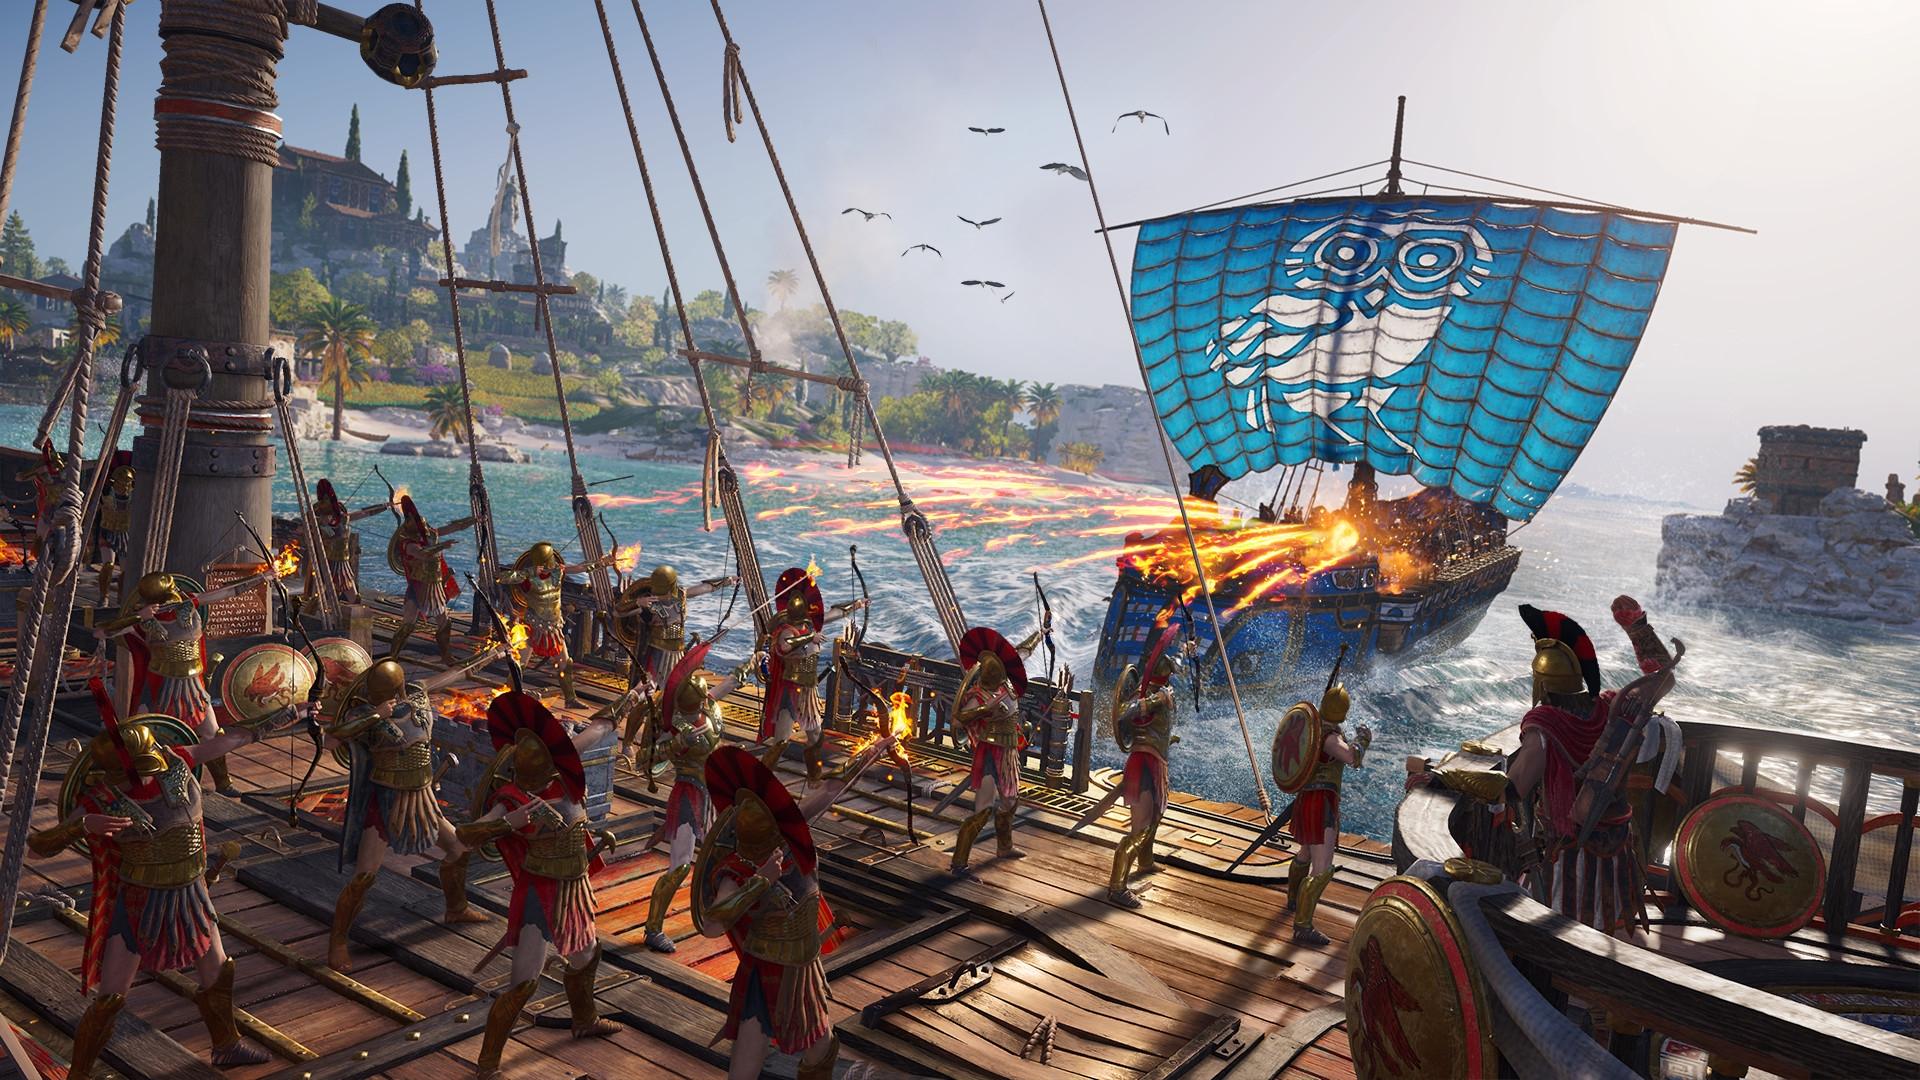 ПодробностиAssassin's Creed Odyssey, геймплейный трейлер и дата релиза